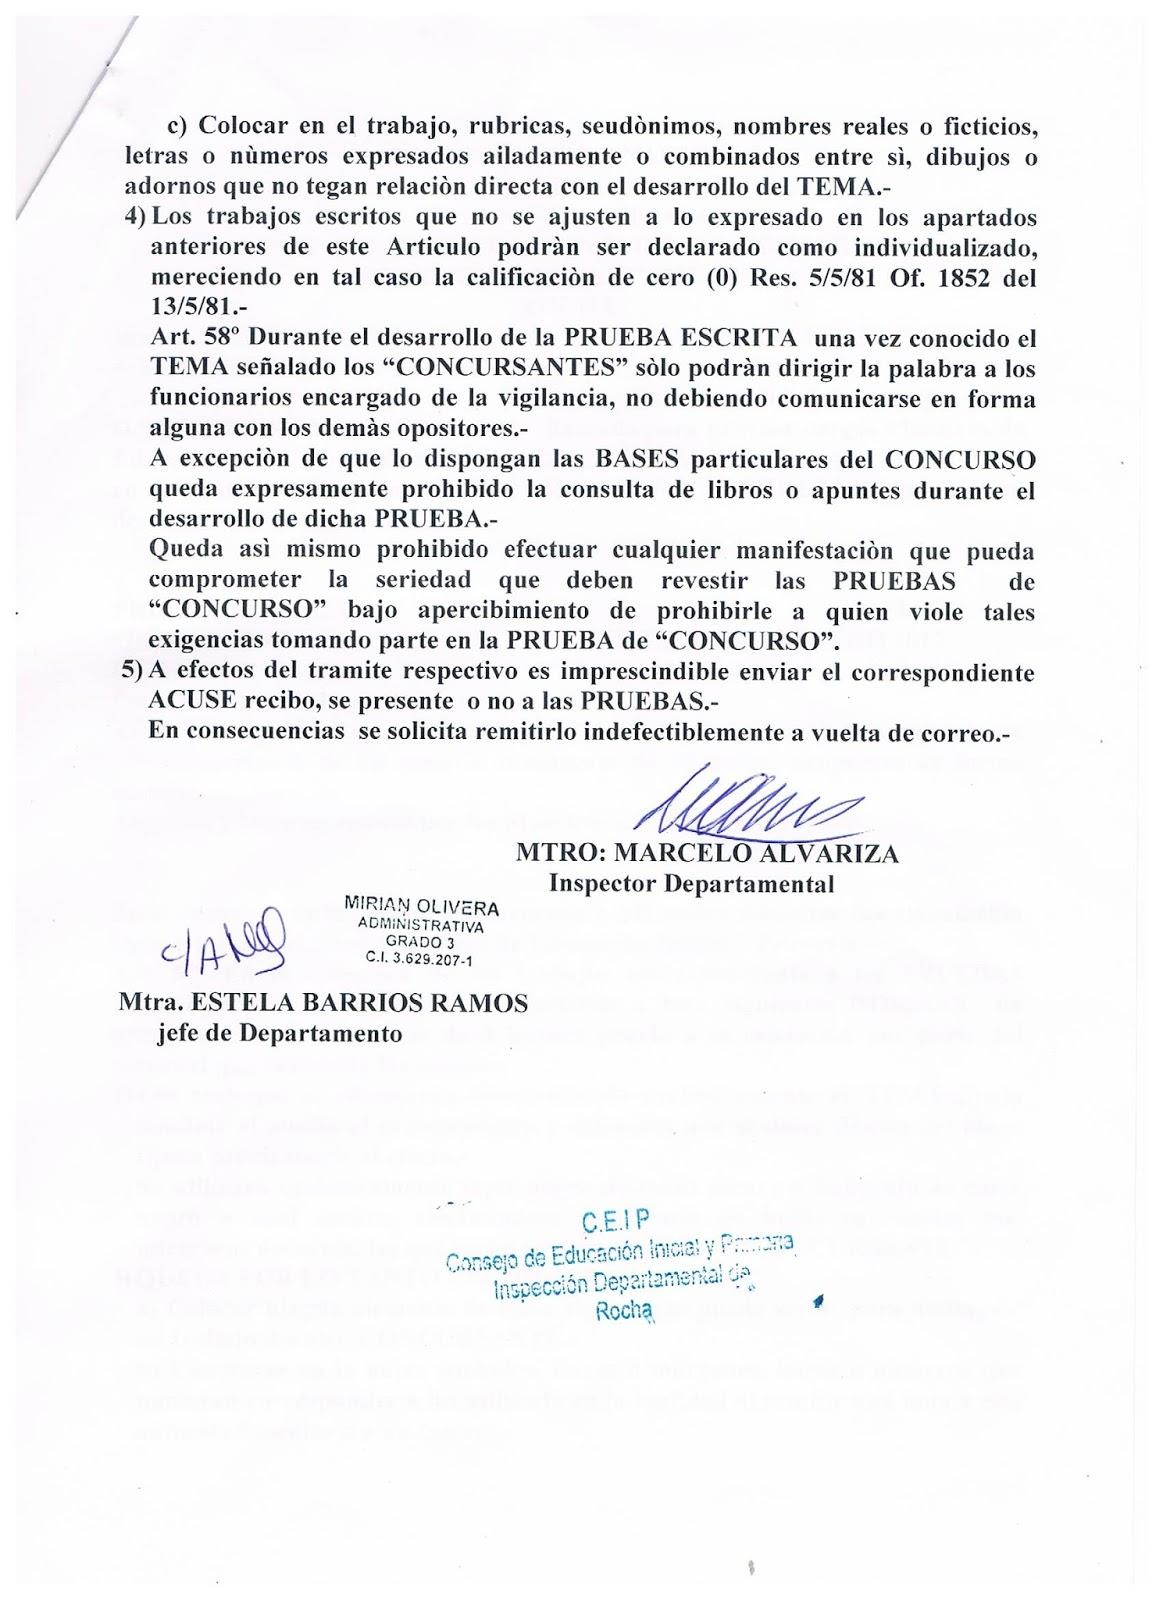 Inspecci n departamental de rocha concurso maestros de ed for Concurso para maestros